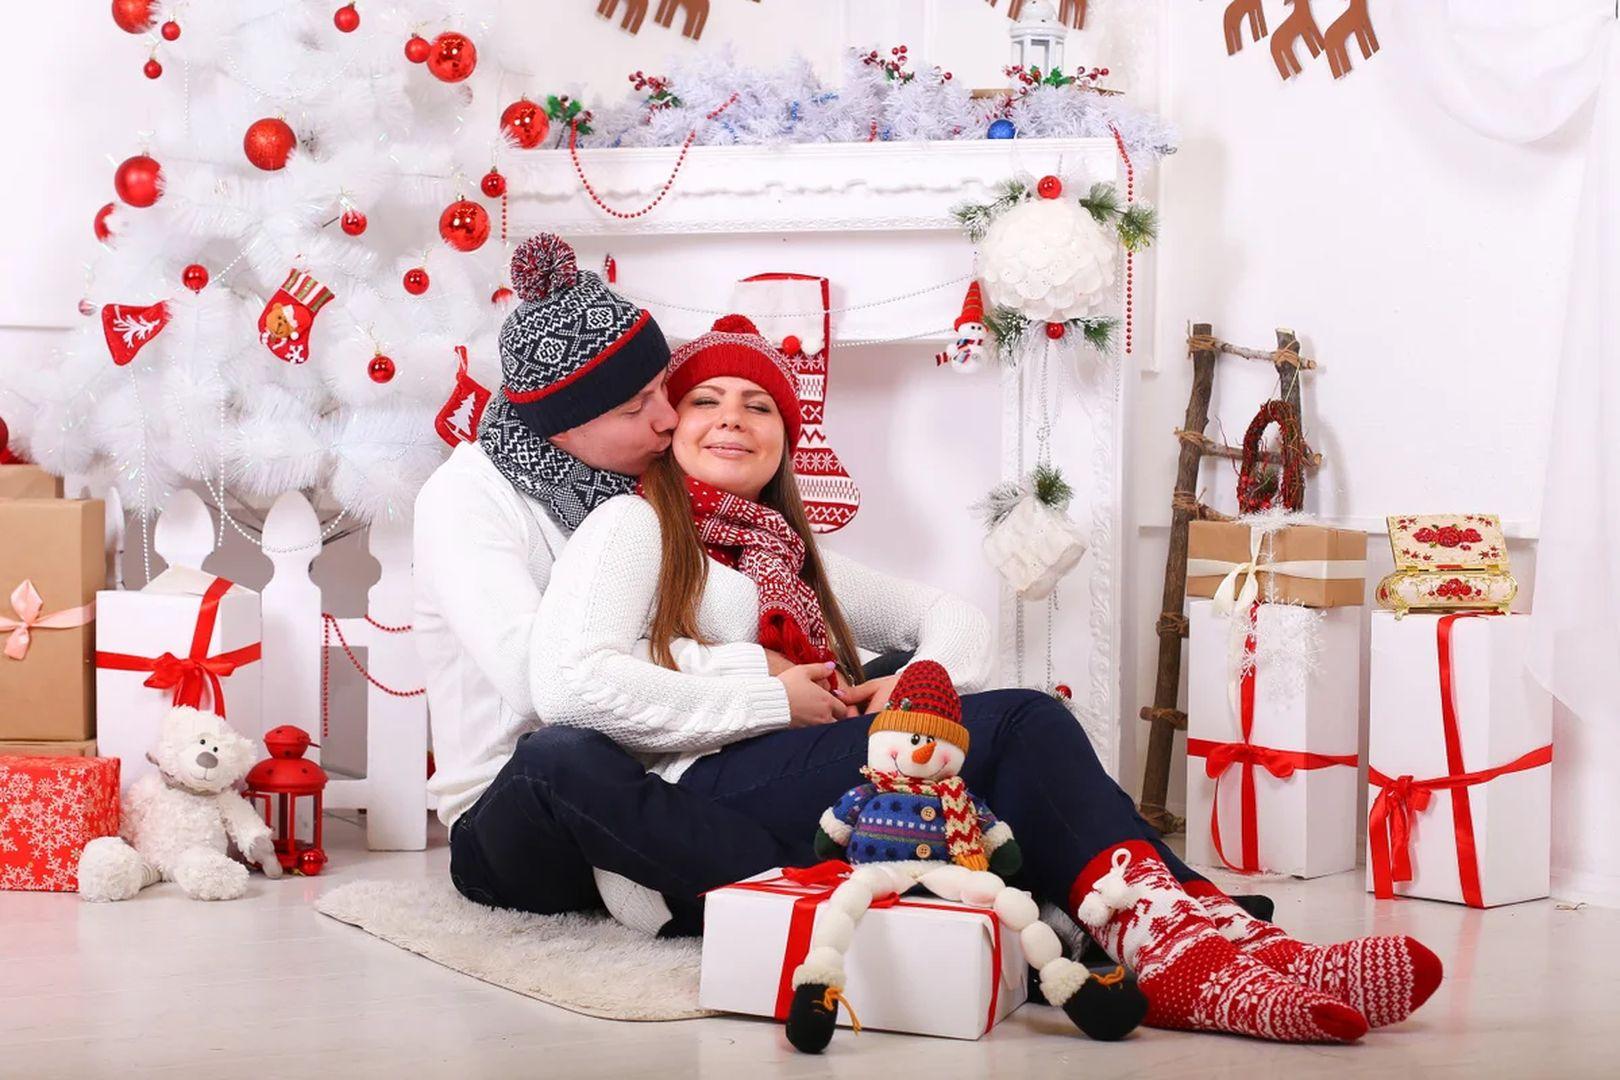 чуева какую одежду выбрать для новогодней фотосессии наш сайт